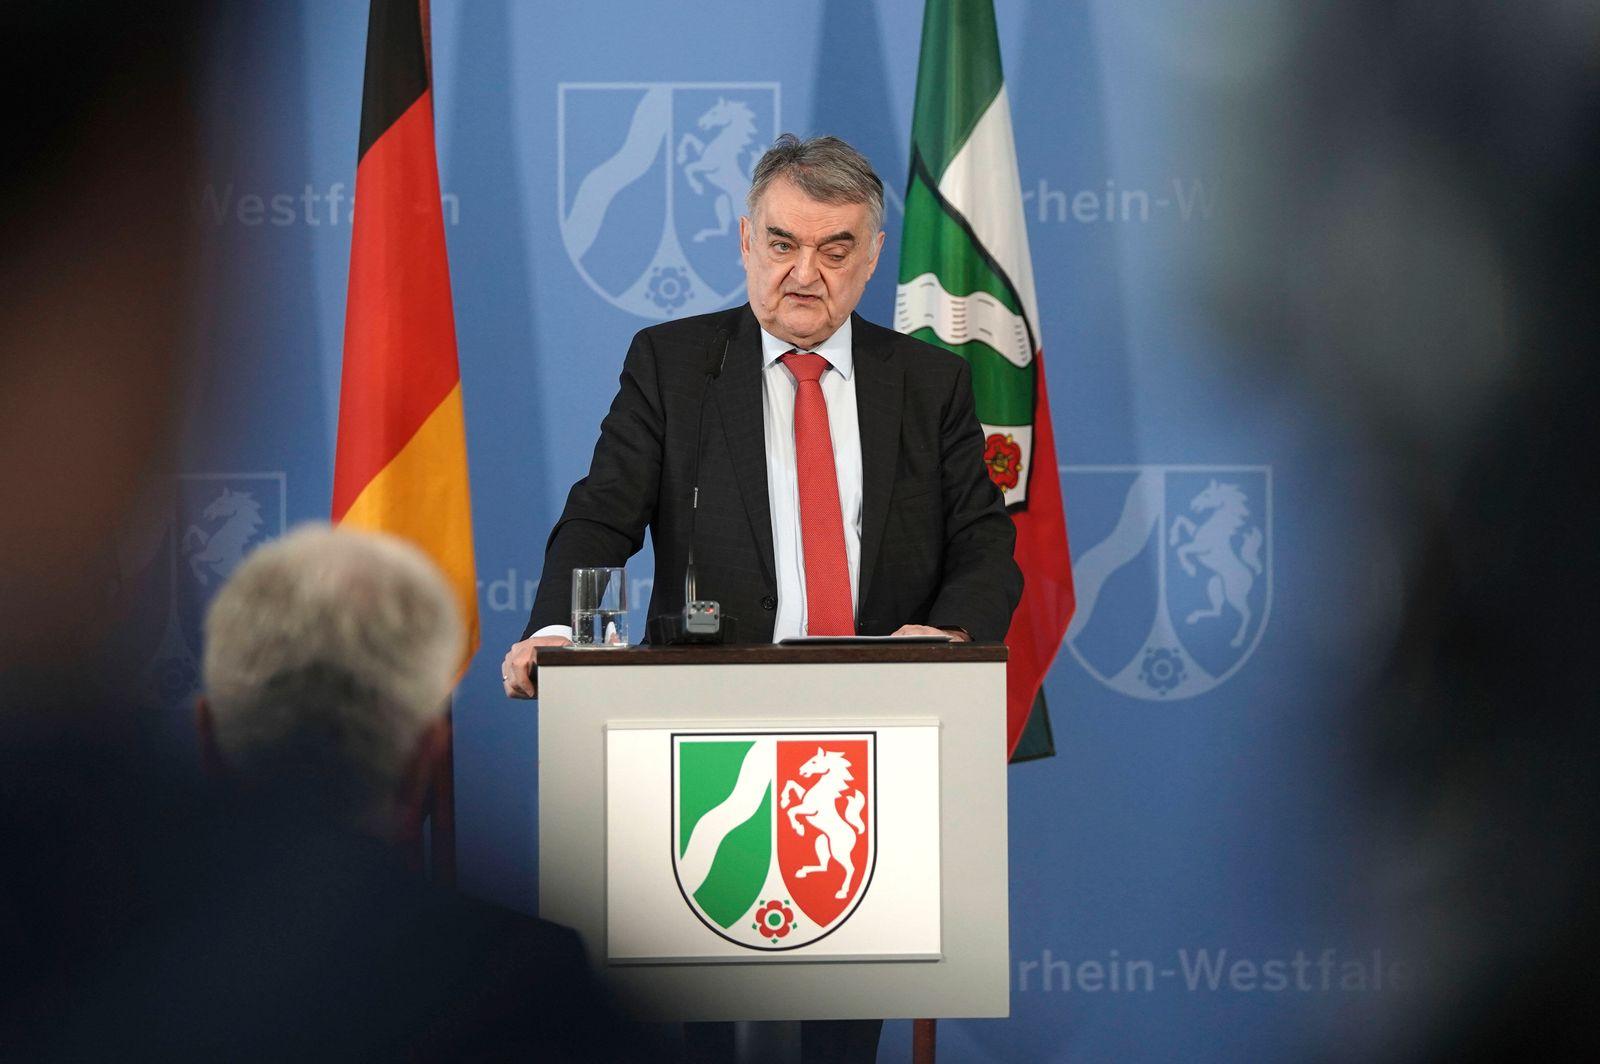 Herbert Reul bei einer Pressekonferenz zur aktuellen Lage bei der NRW Soforthilfe in der Staatskanzlei. Düsseldorf, 14.